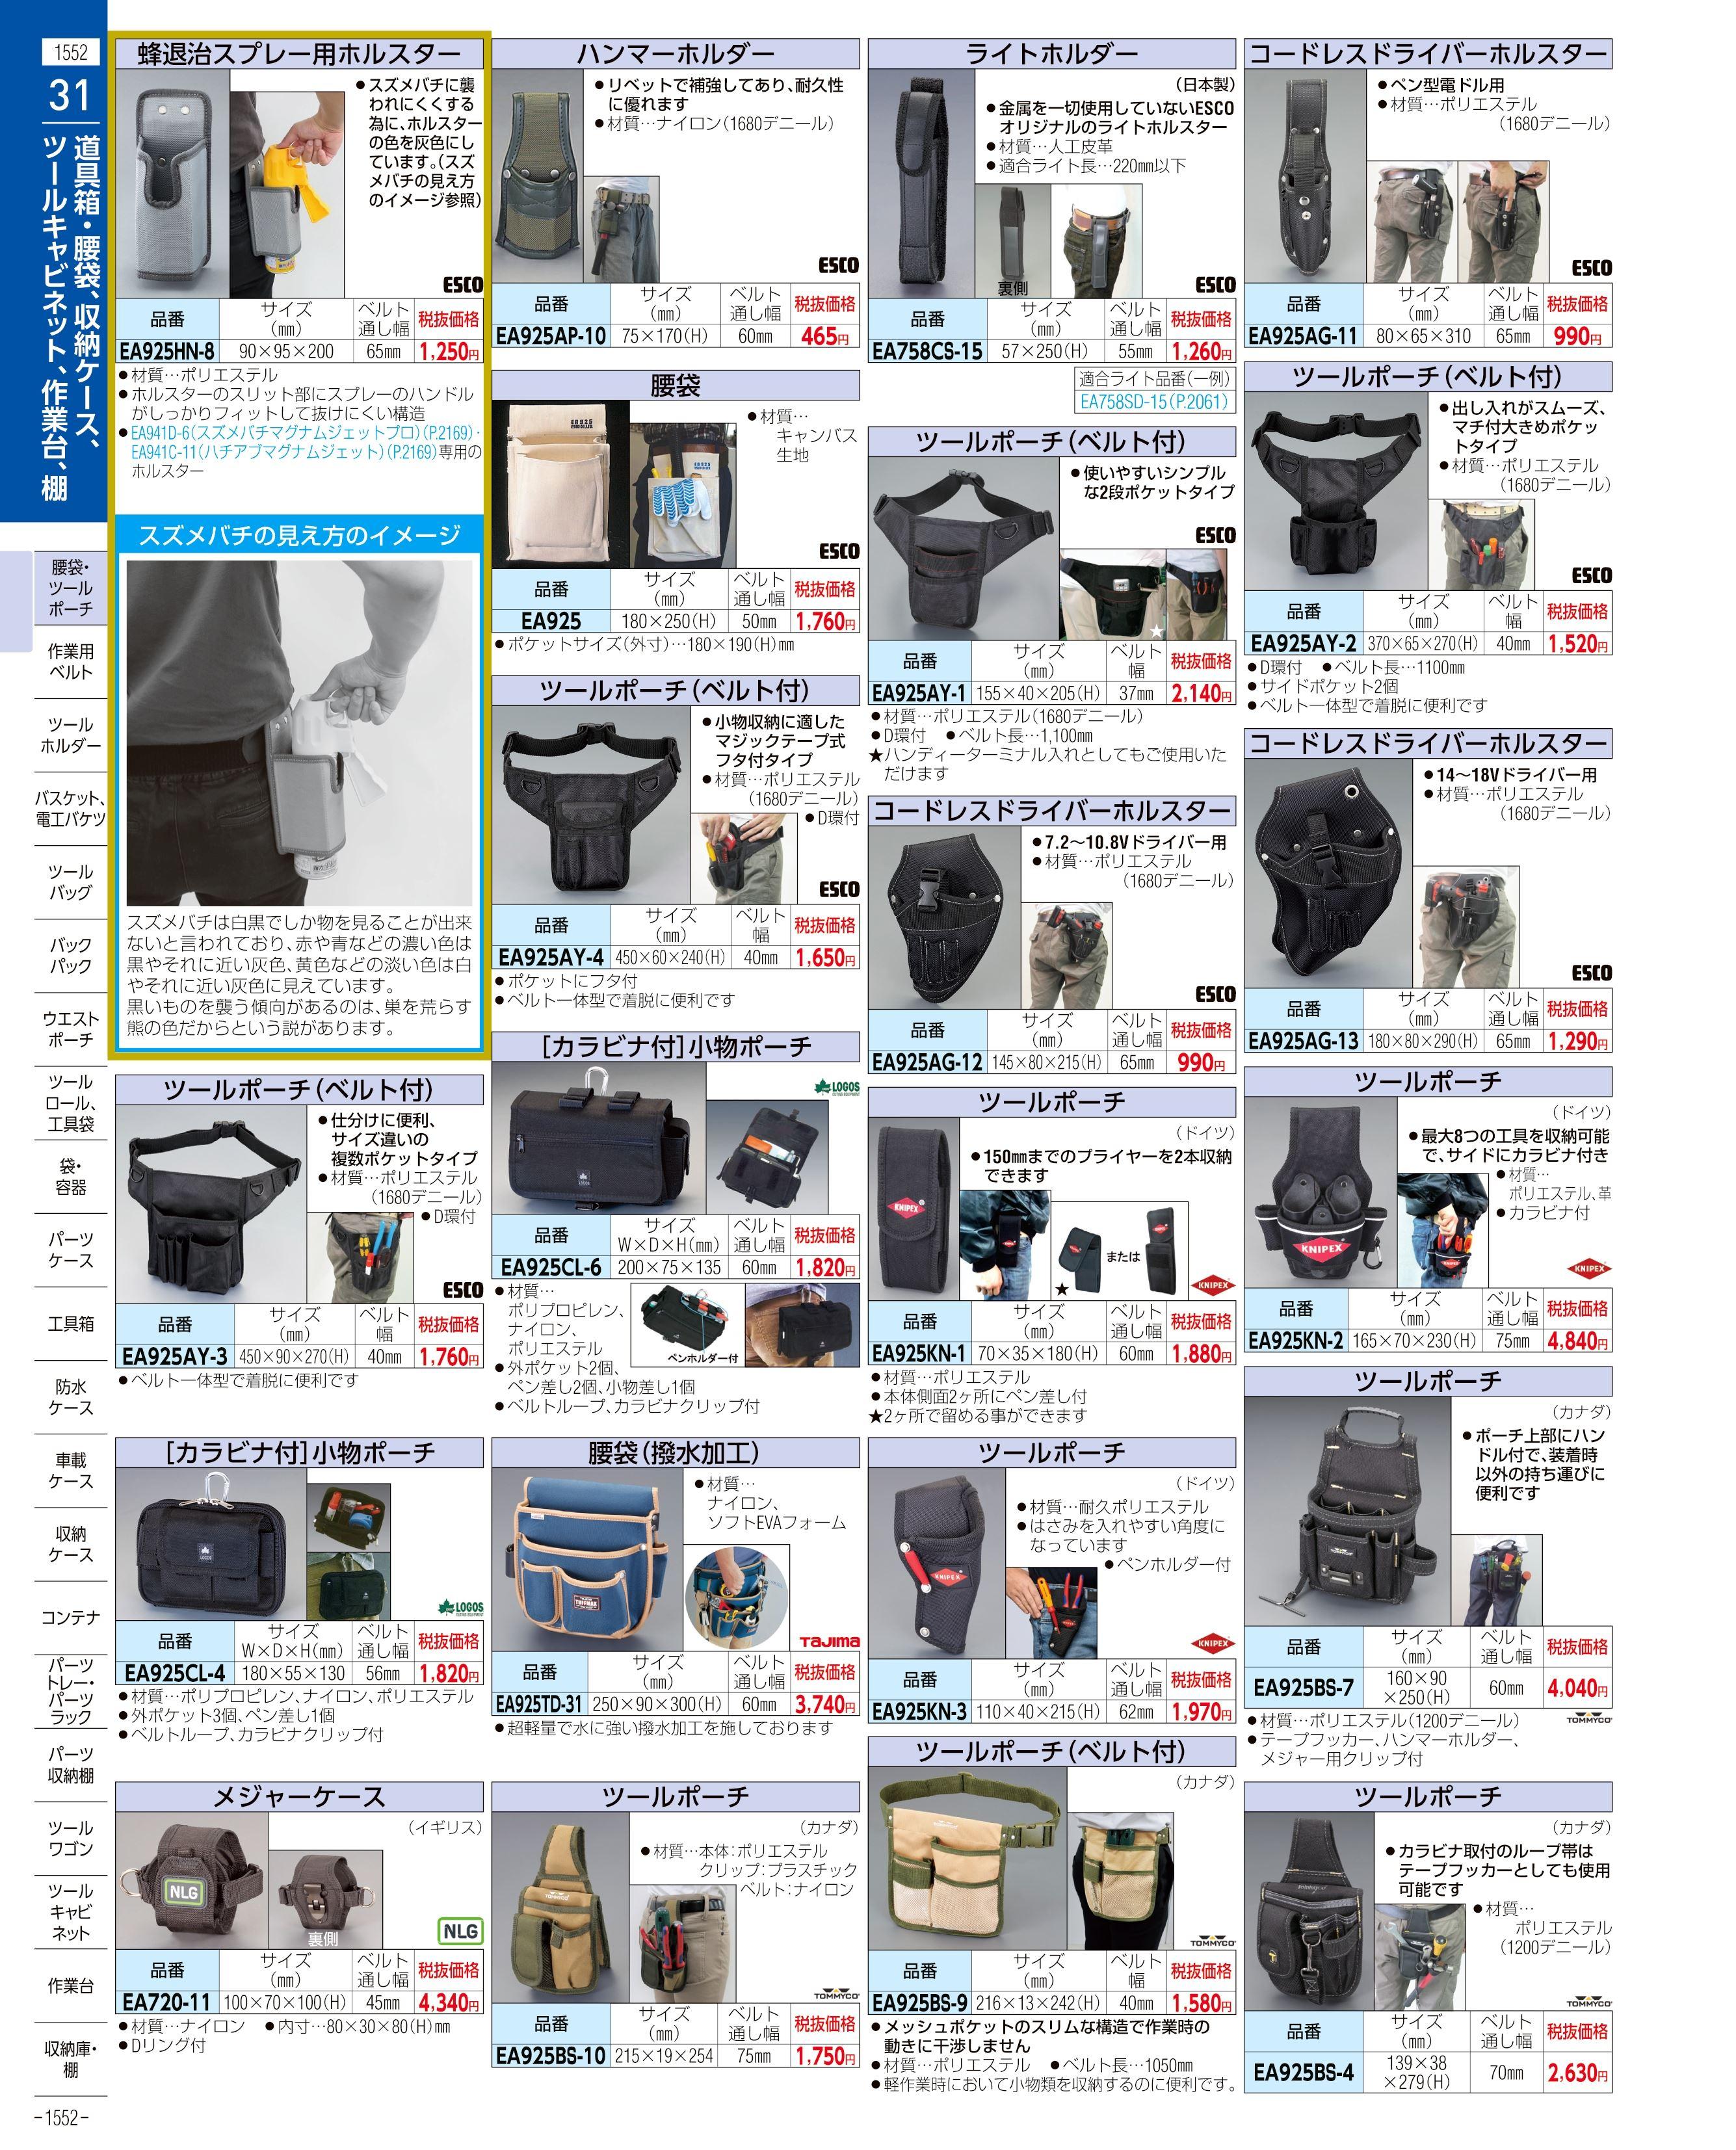 エスコ便利カタログ1552ページ